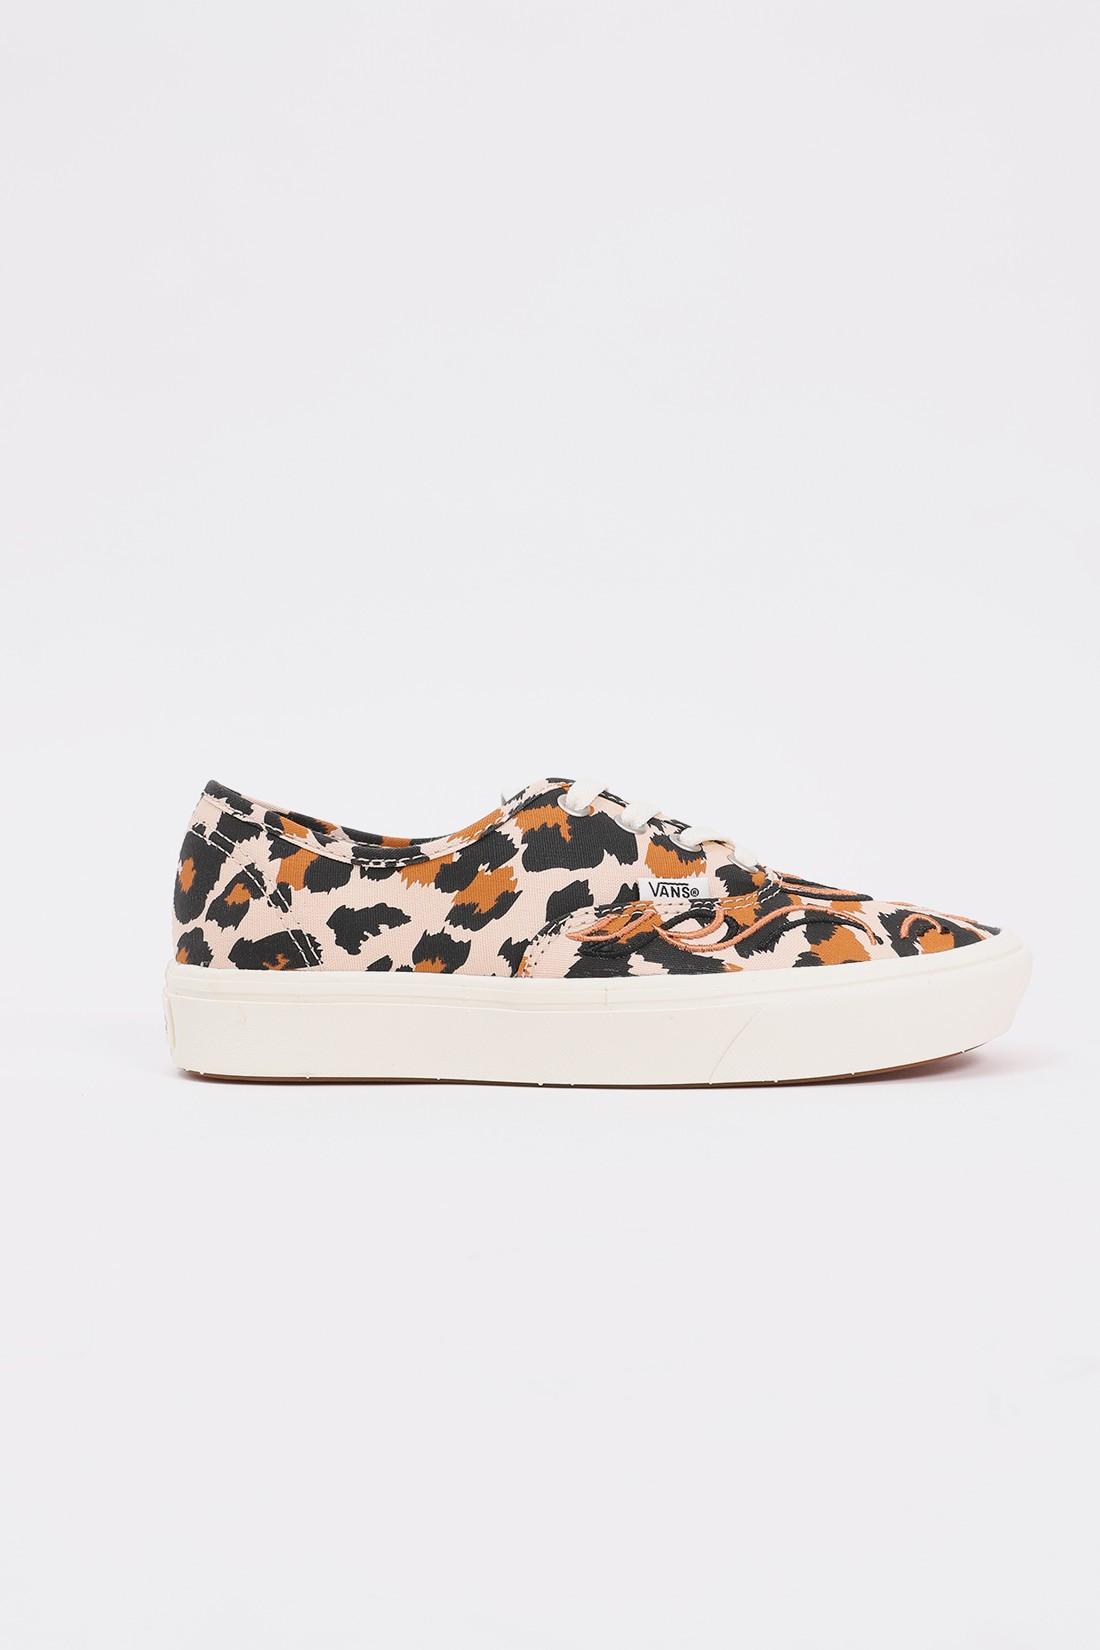 VANS / Comfycush authent Leopard/marshmallow